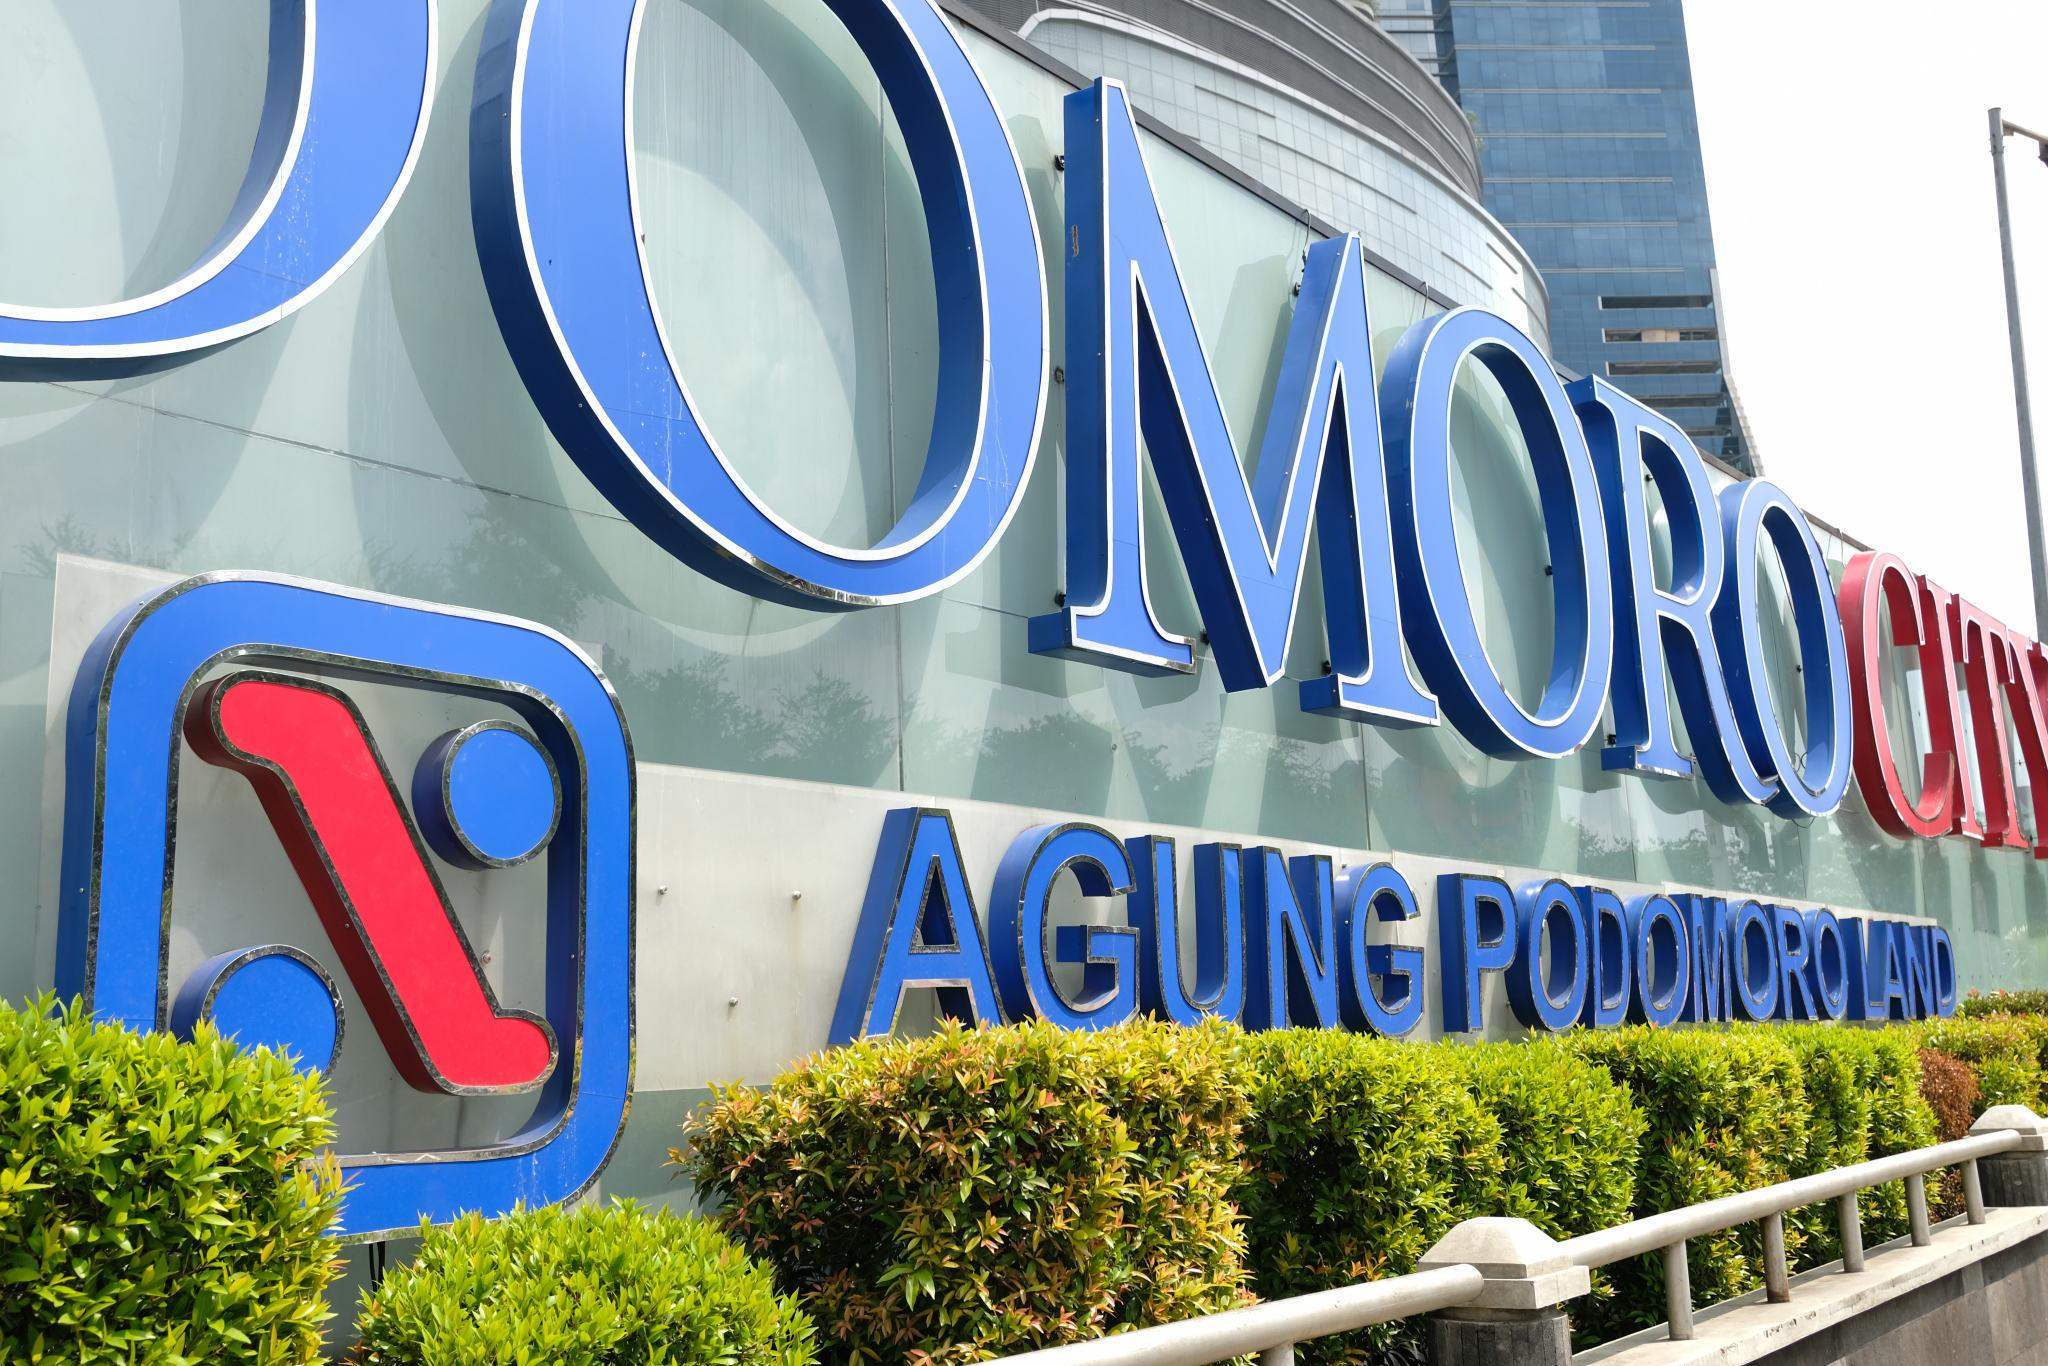 Fitch Ratings Turunkan Peringkat Obligasi, Manajemen Agung Podomoro Buka Suara